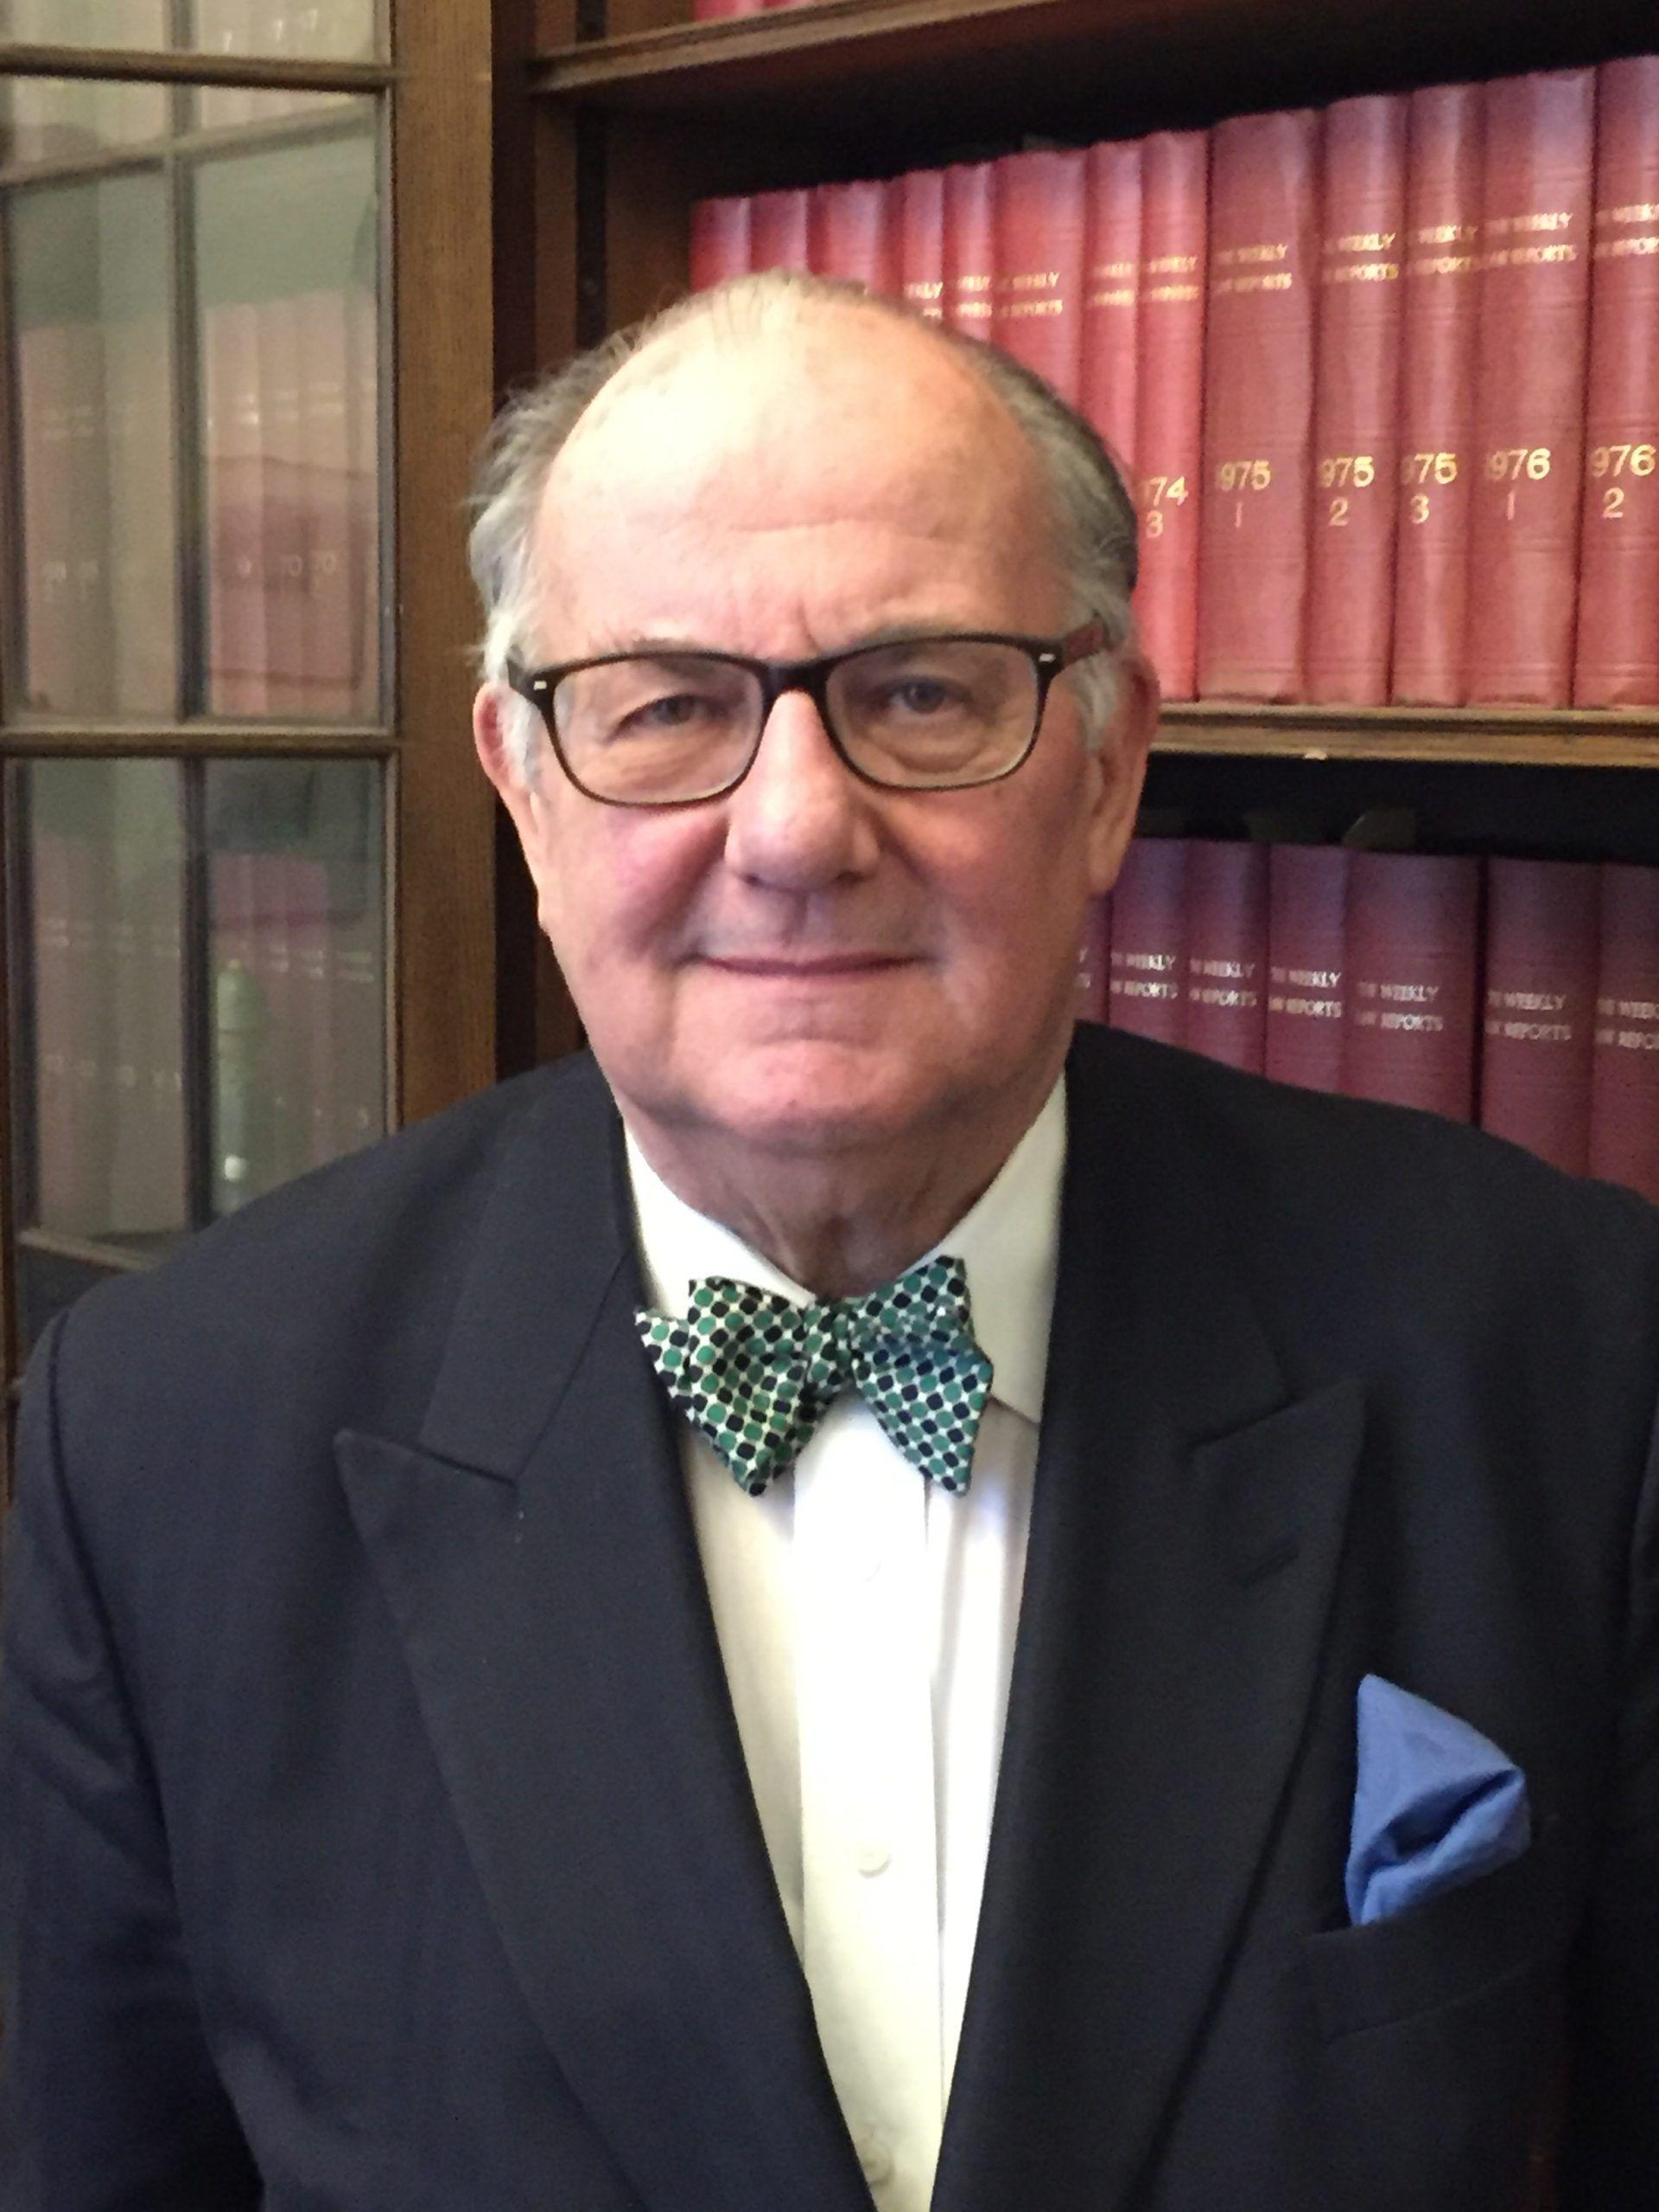 Master John Leslie